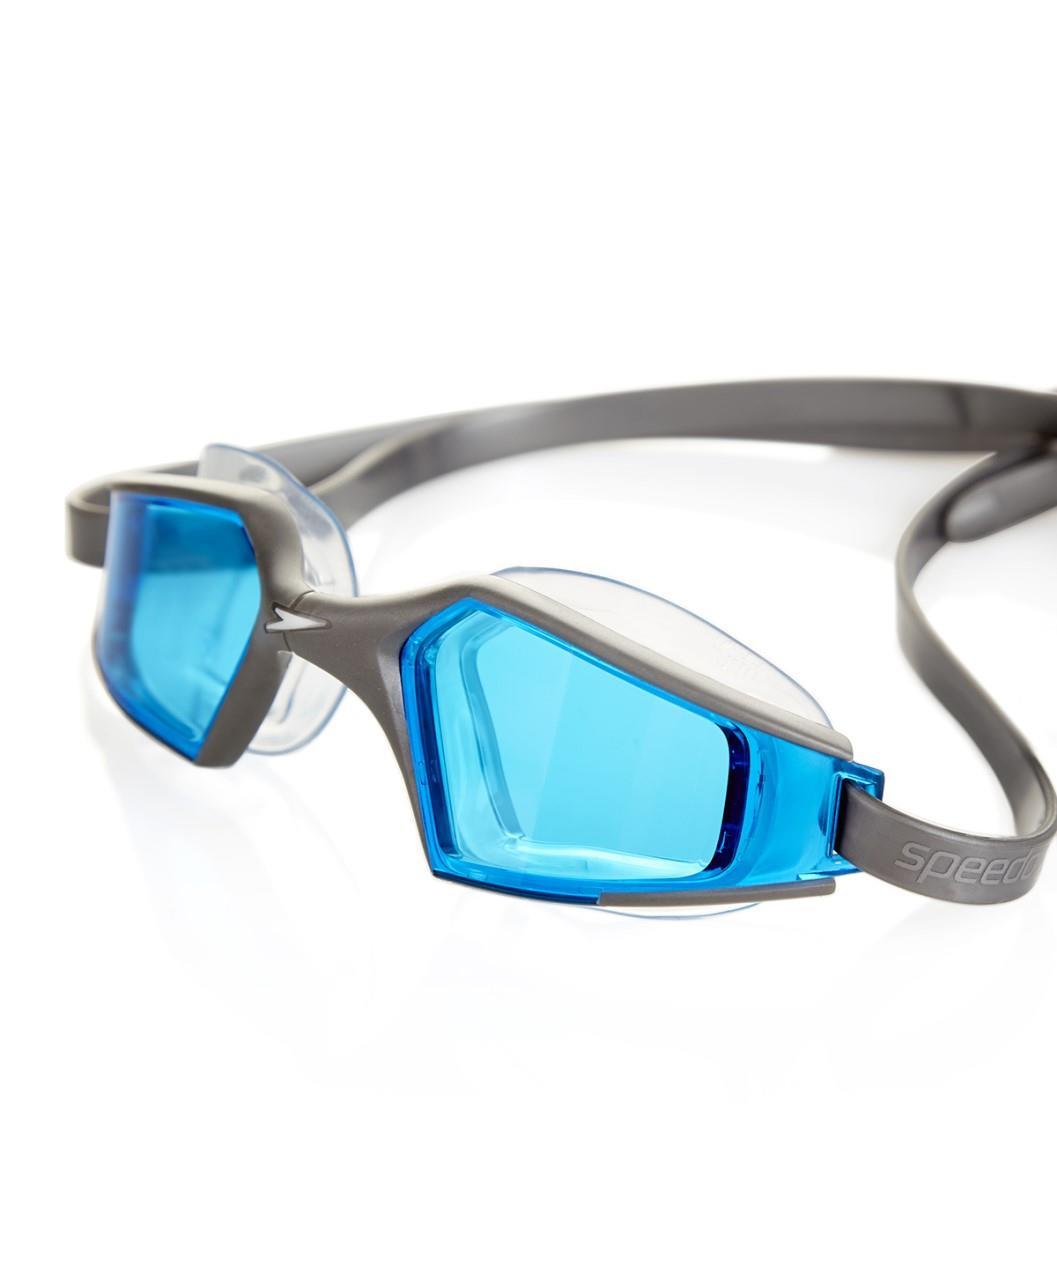 Speedo Aquapulse Yüzücü Gözlüğü - Erkek/Mavi Sp809796A259